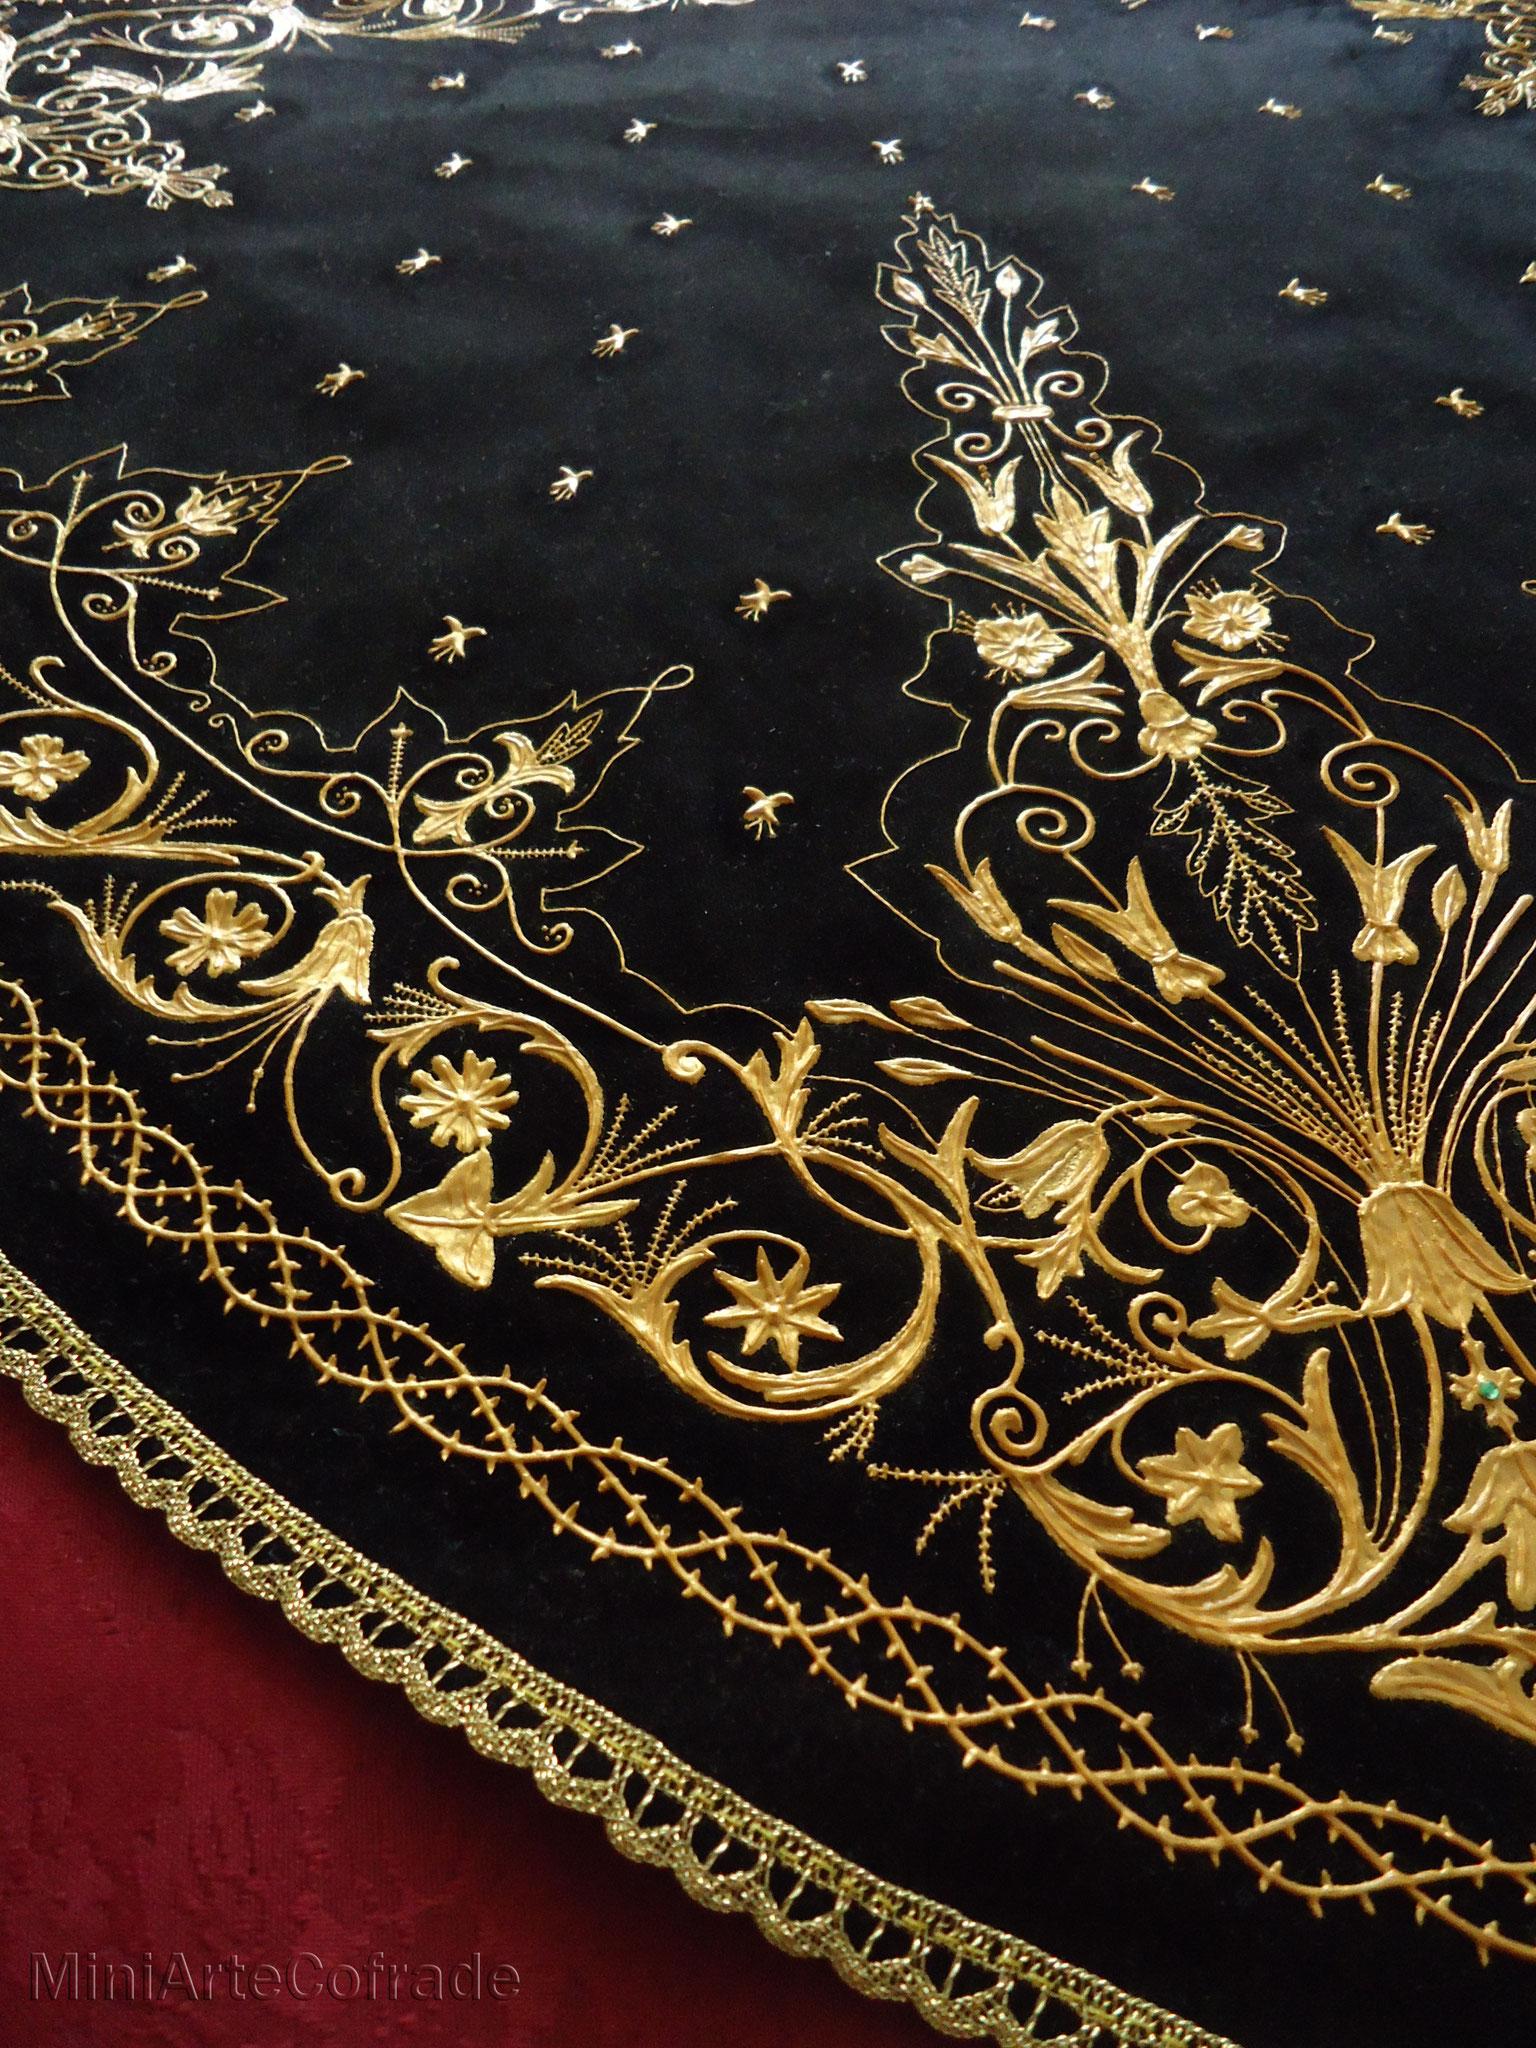 Detalle del manto de la Virgen de la Soledad de Arganda del Rey en miniatura